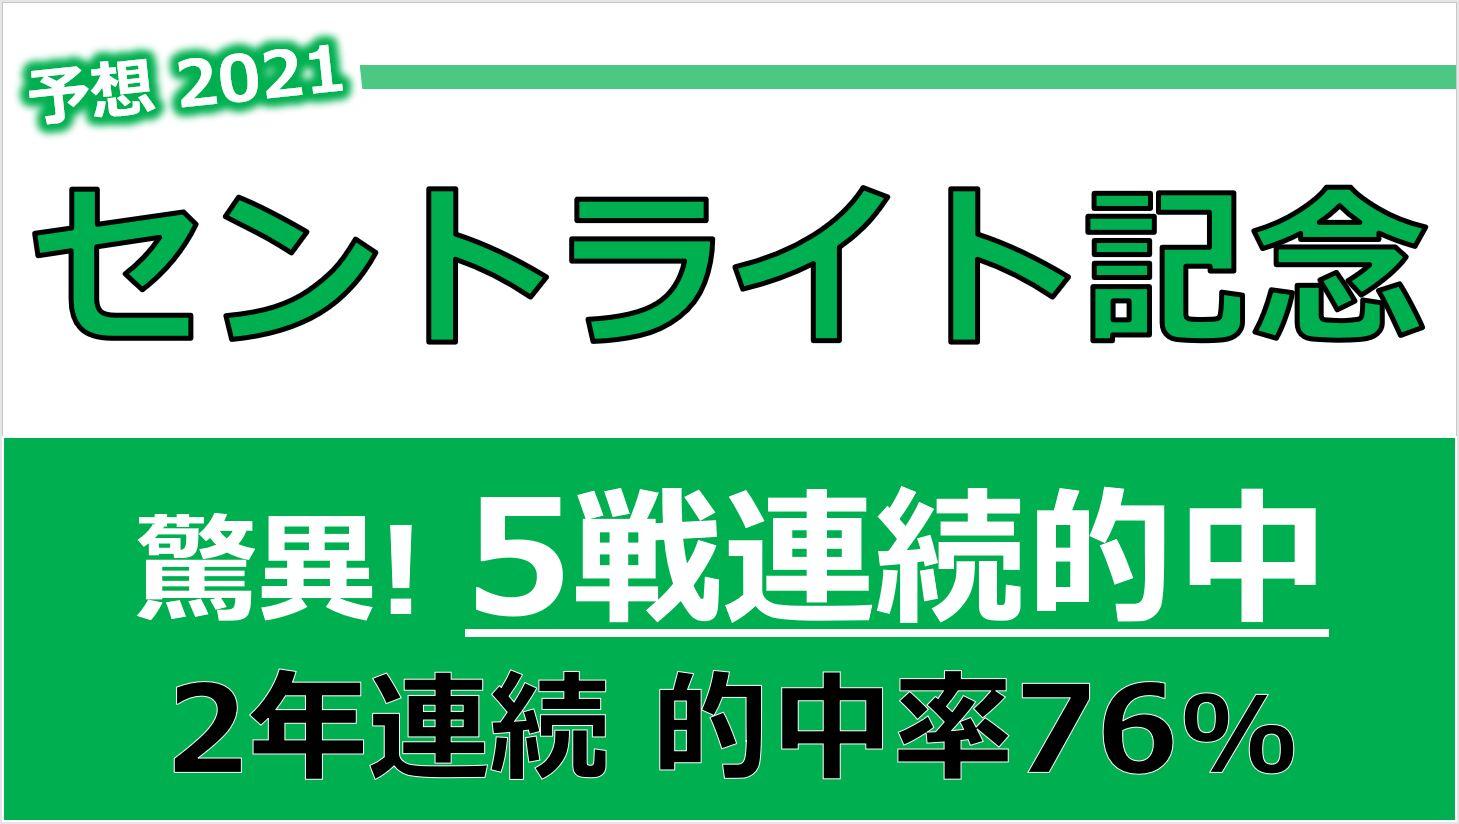 【重賞】セントライト記念2021|驚異! 年間回収率 125%